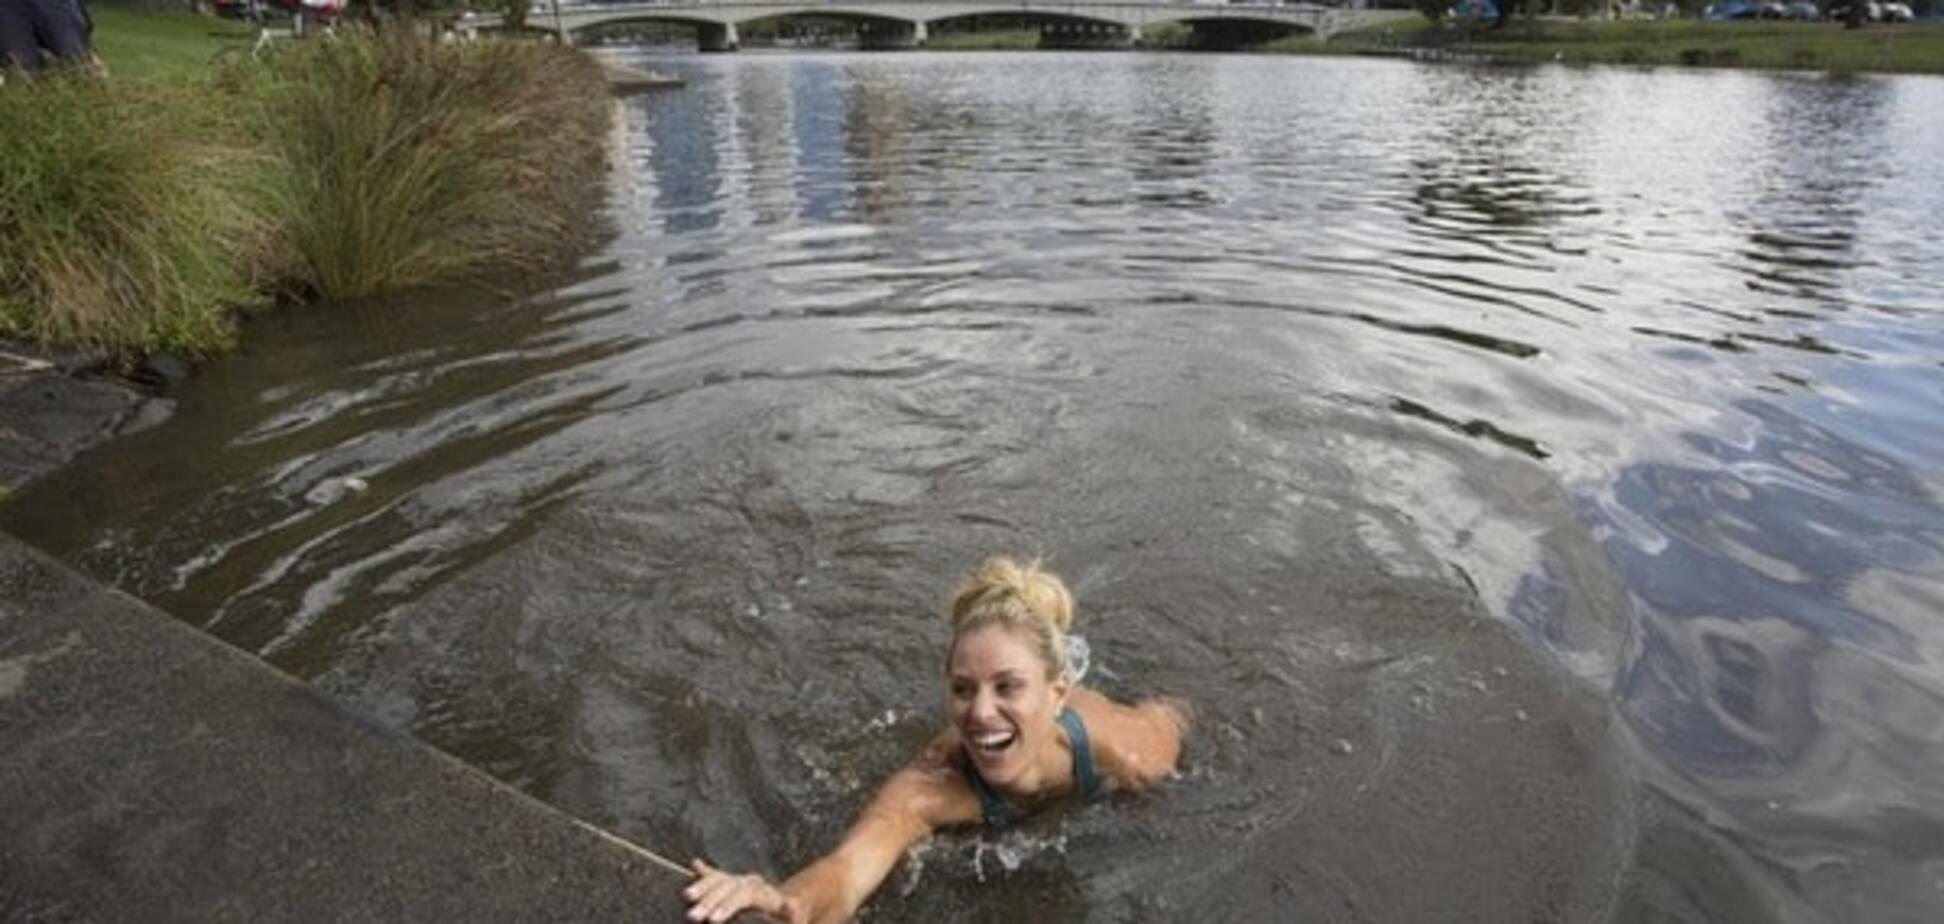 Сенсационная победительница Australian Open прыгнула в холодную реку после награждения: видео и фото заплыва